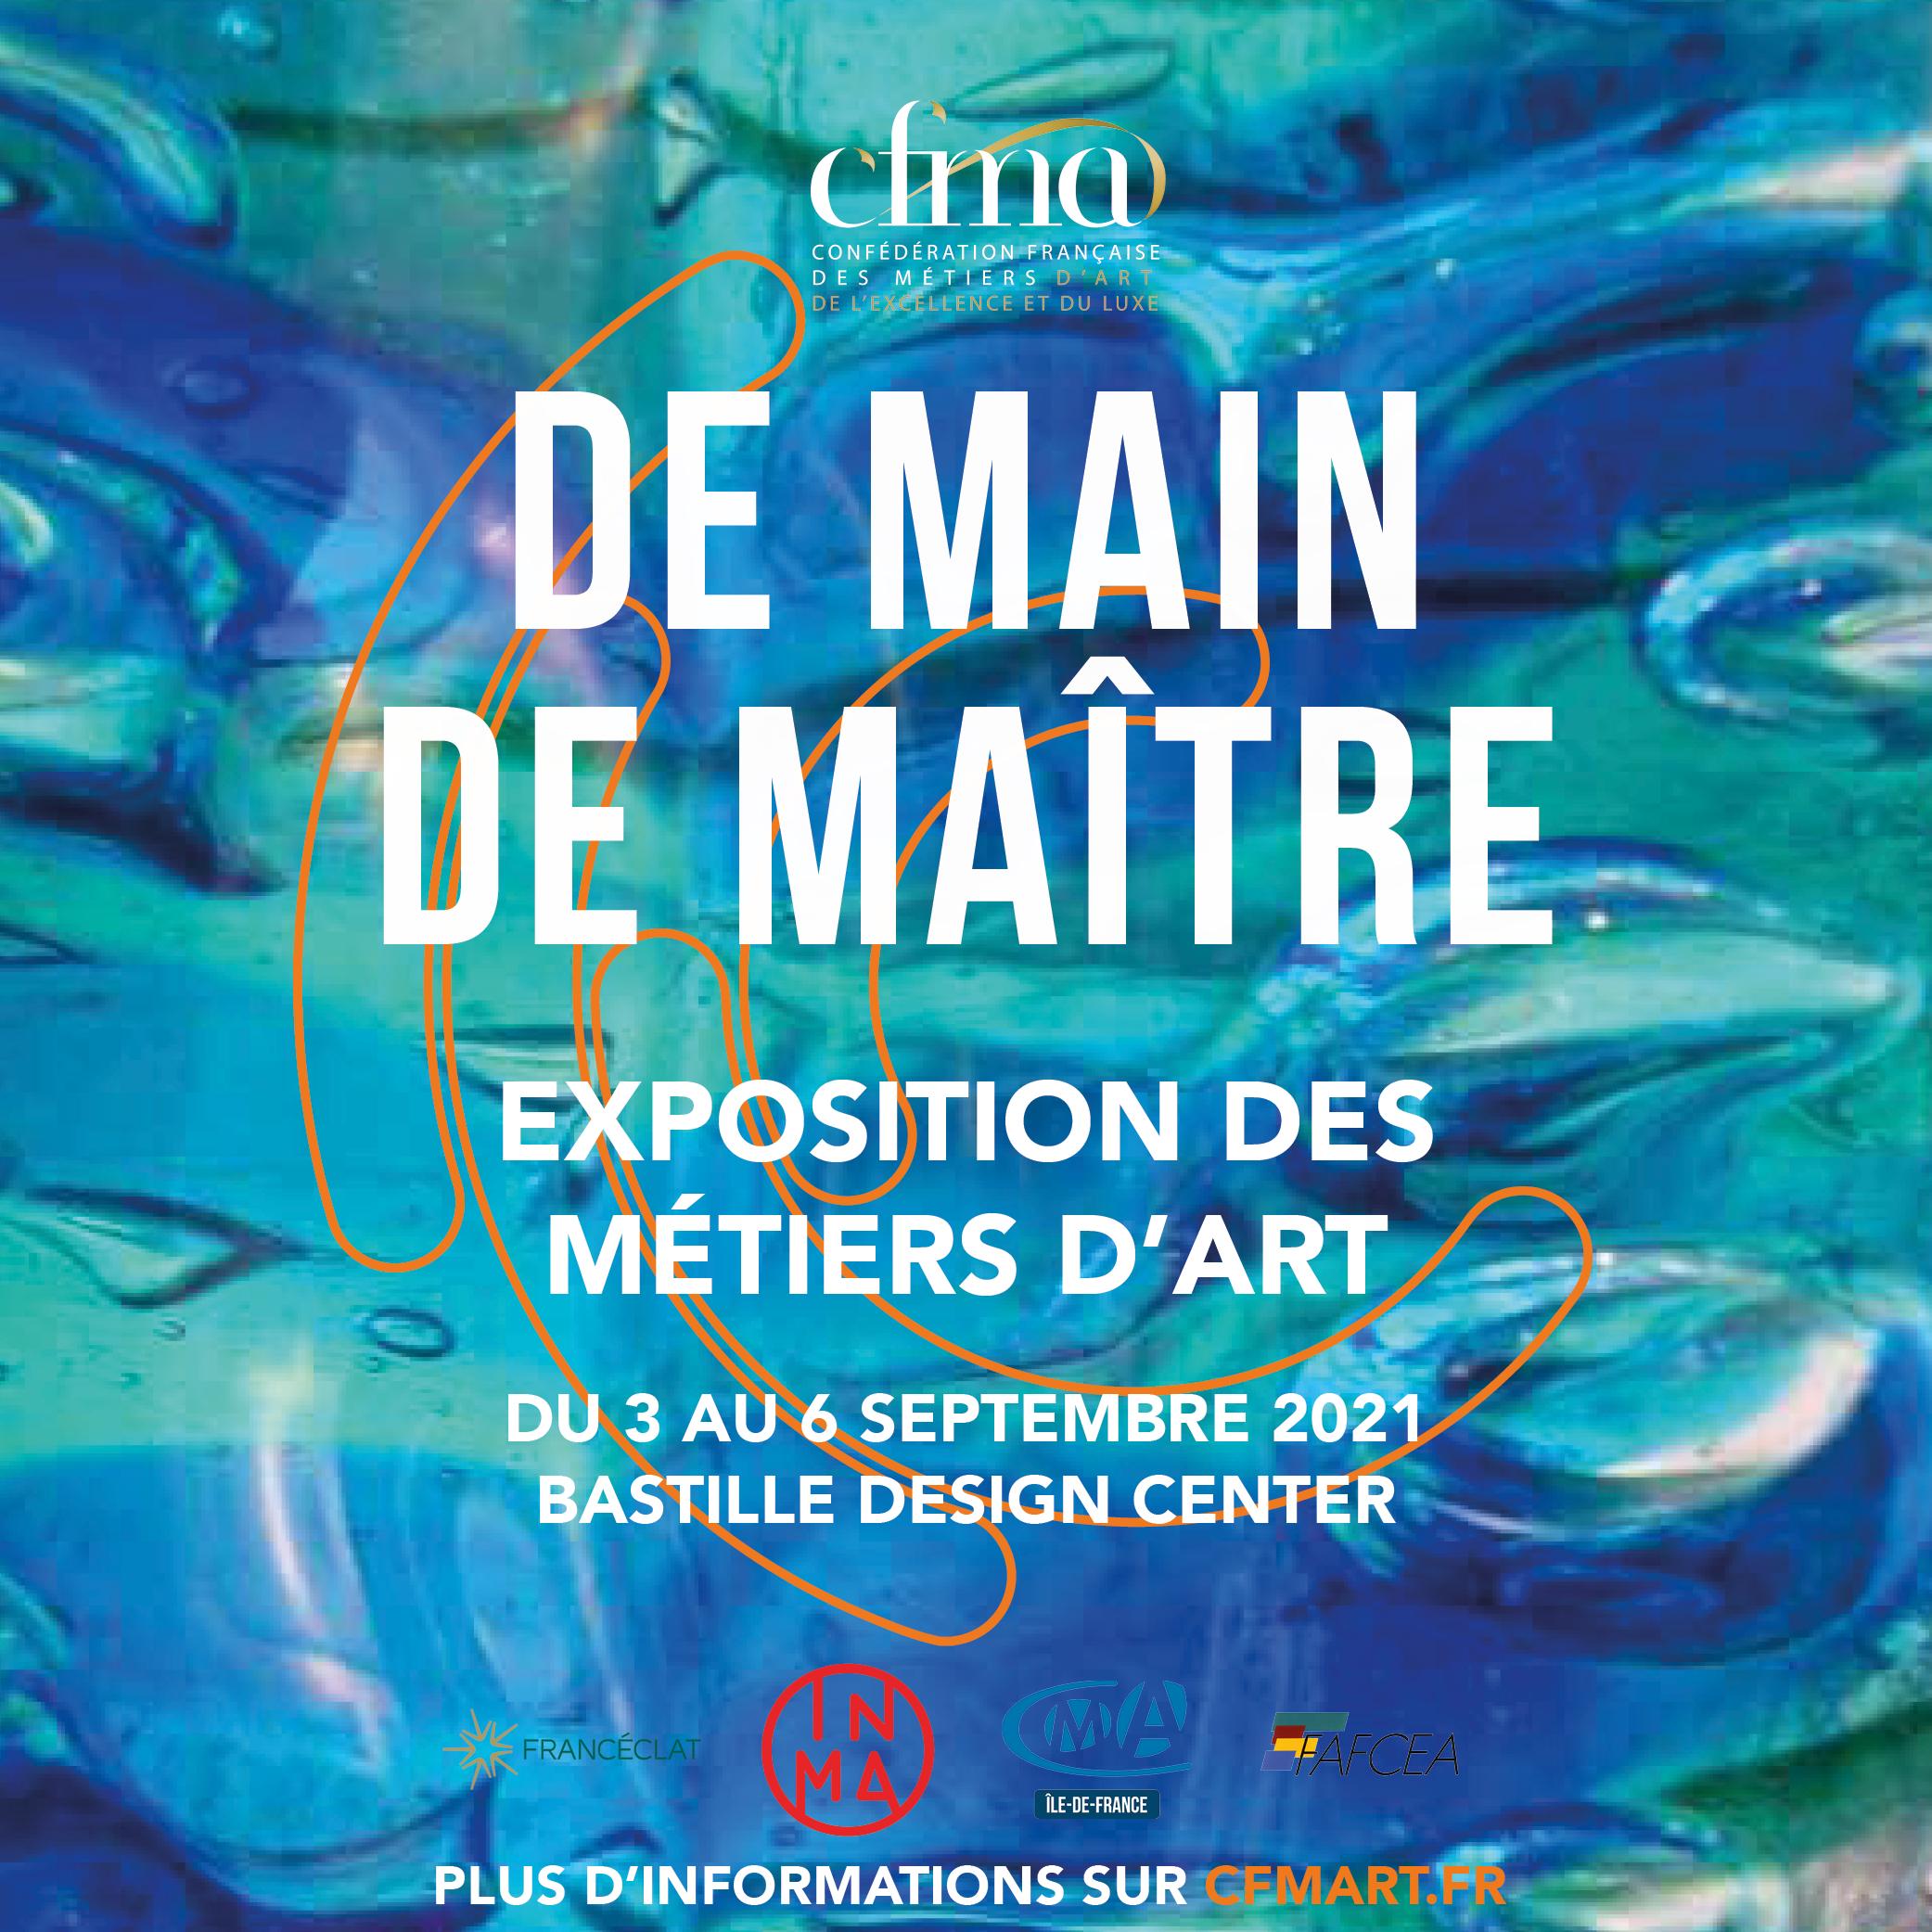 Quintessenz B à Paris au salon des métiers d'art DE Main de Maître du 3 au 6 septembre 2021